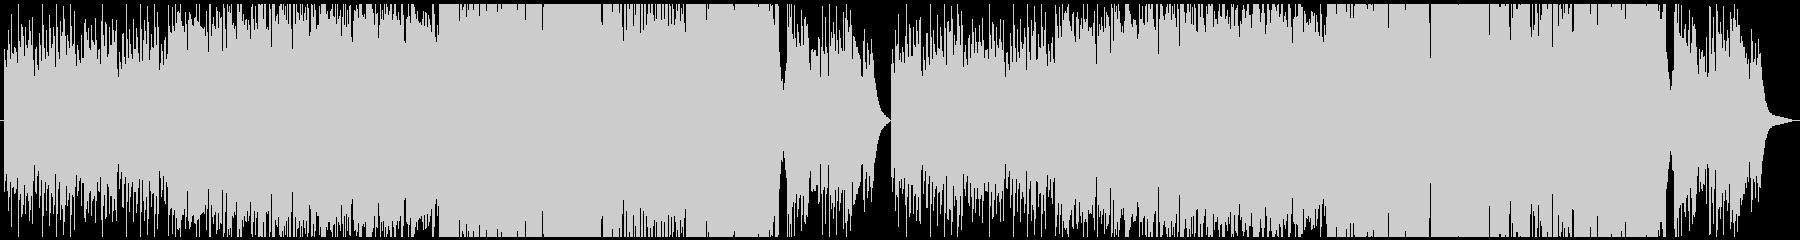 切ないケルト曲の未再生の波形